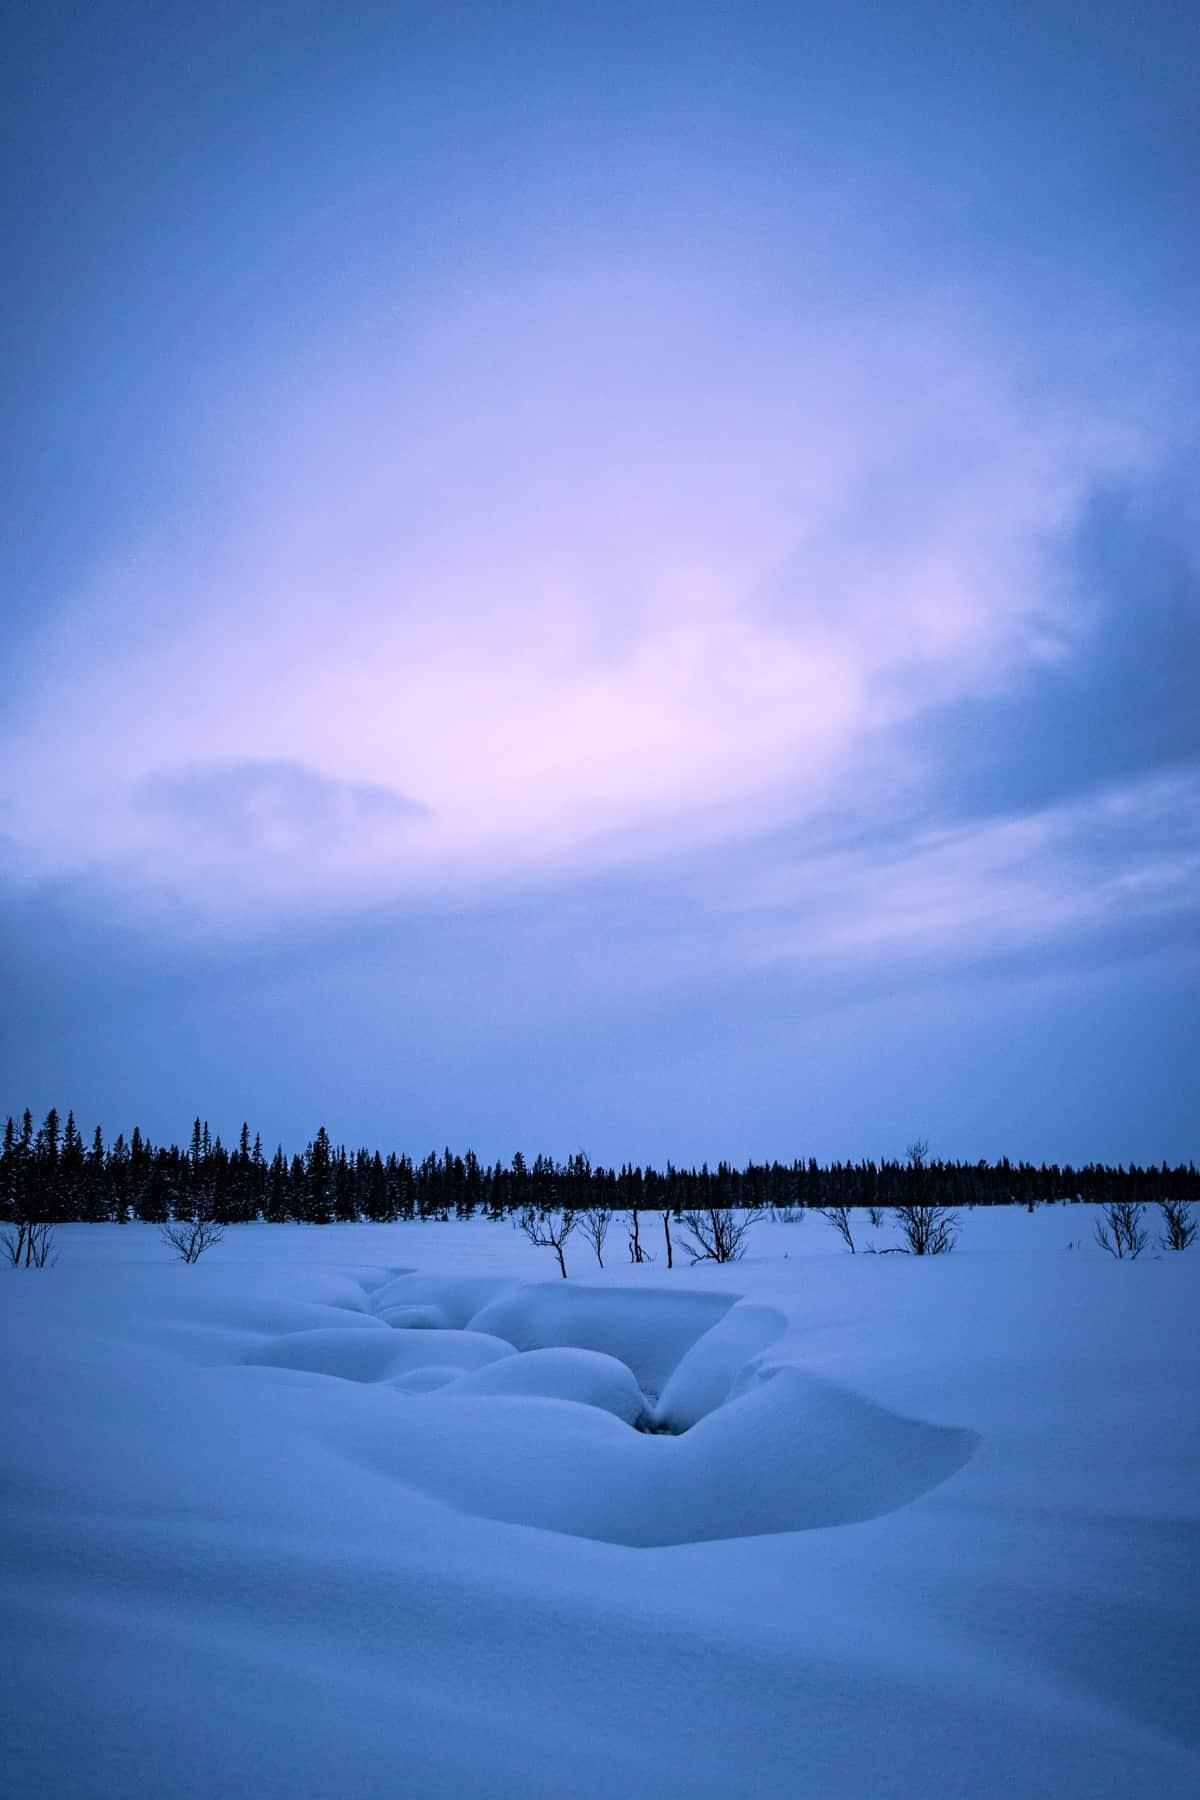 landskap-snö-lappland